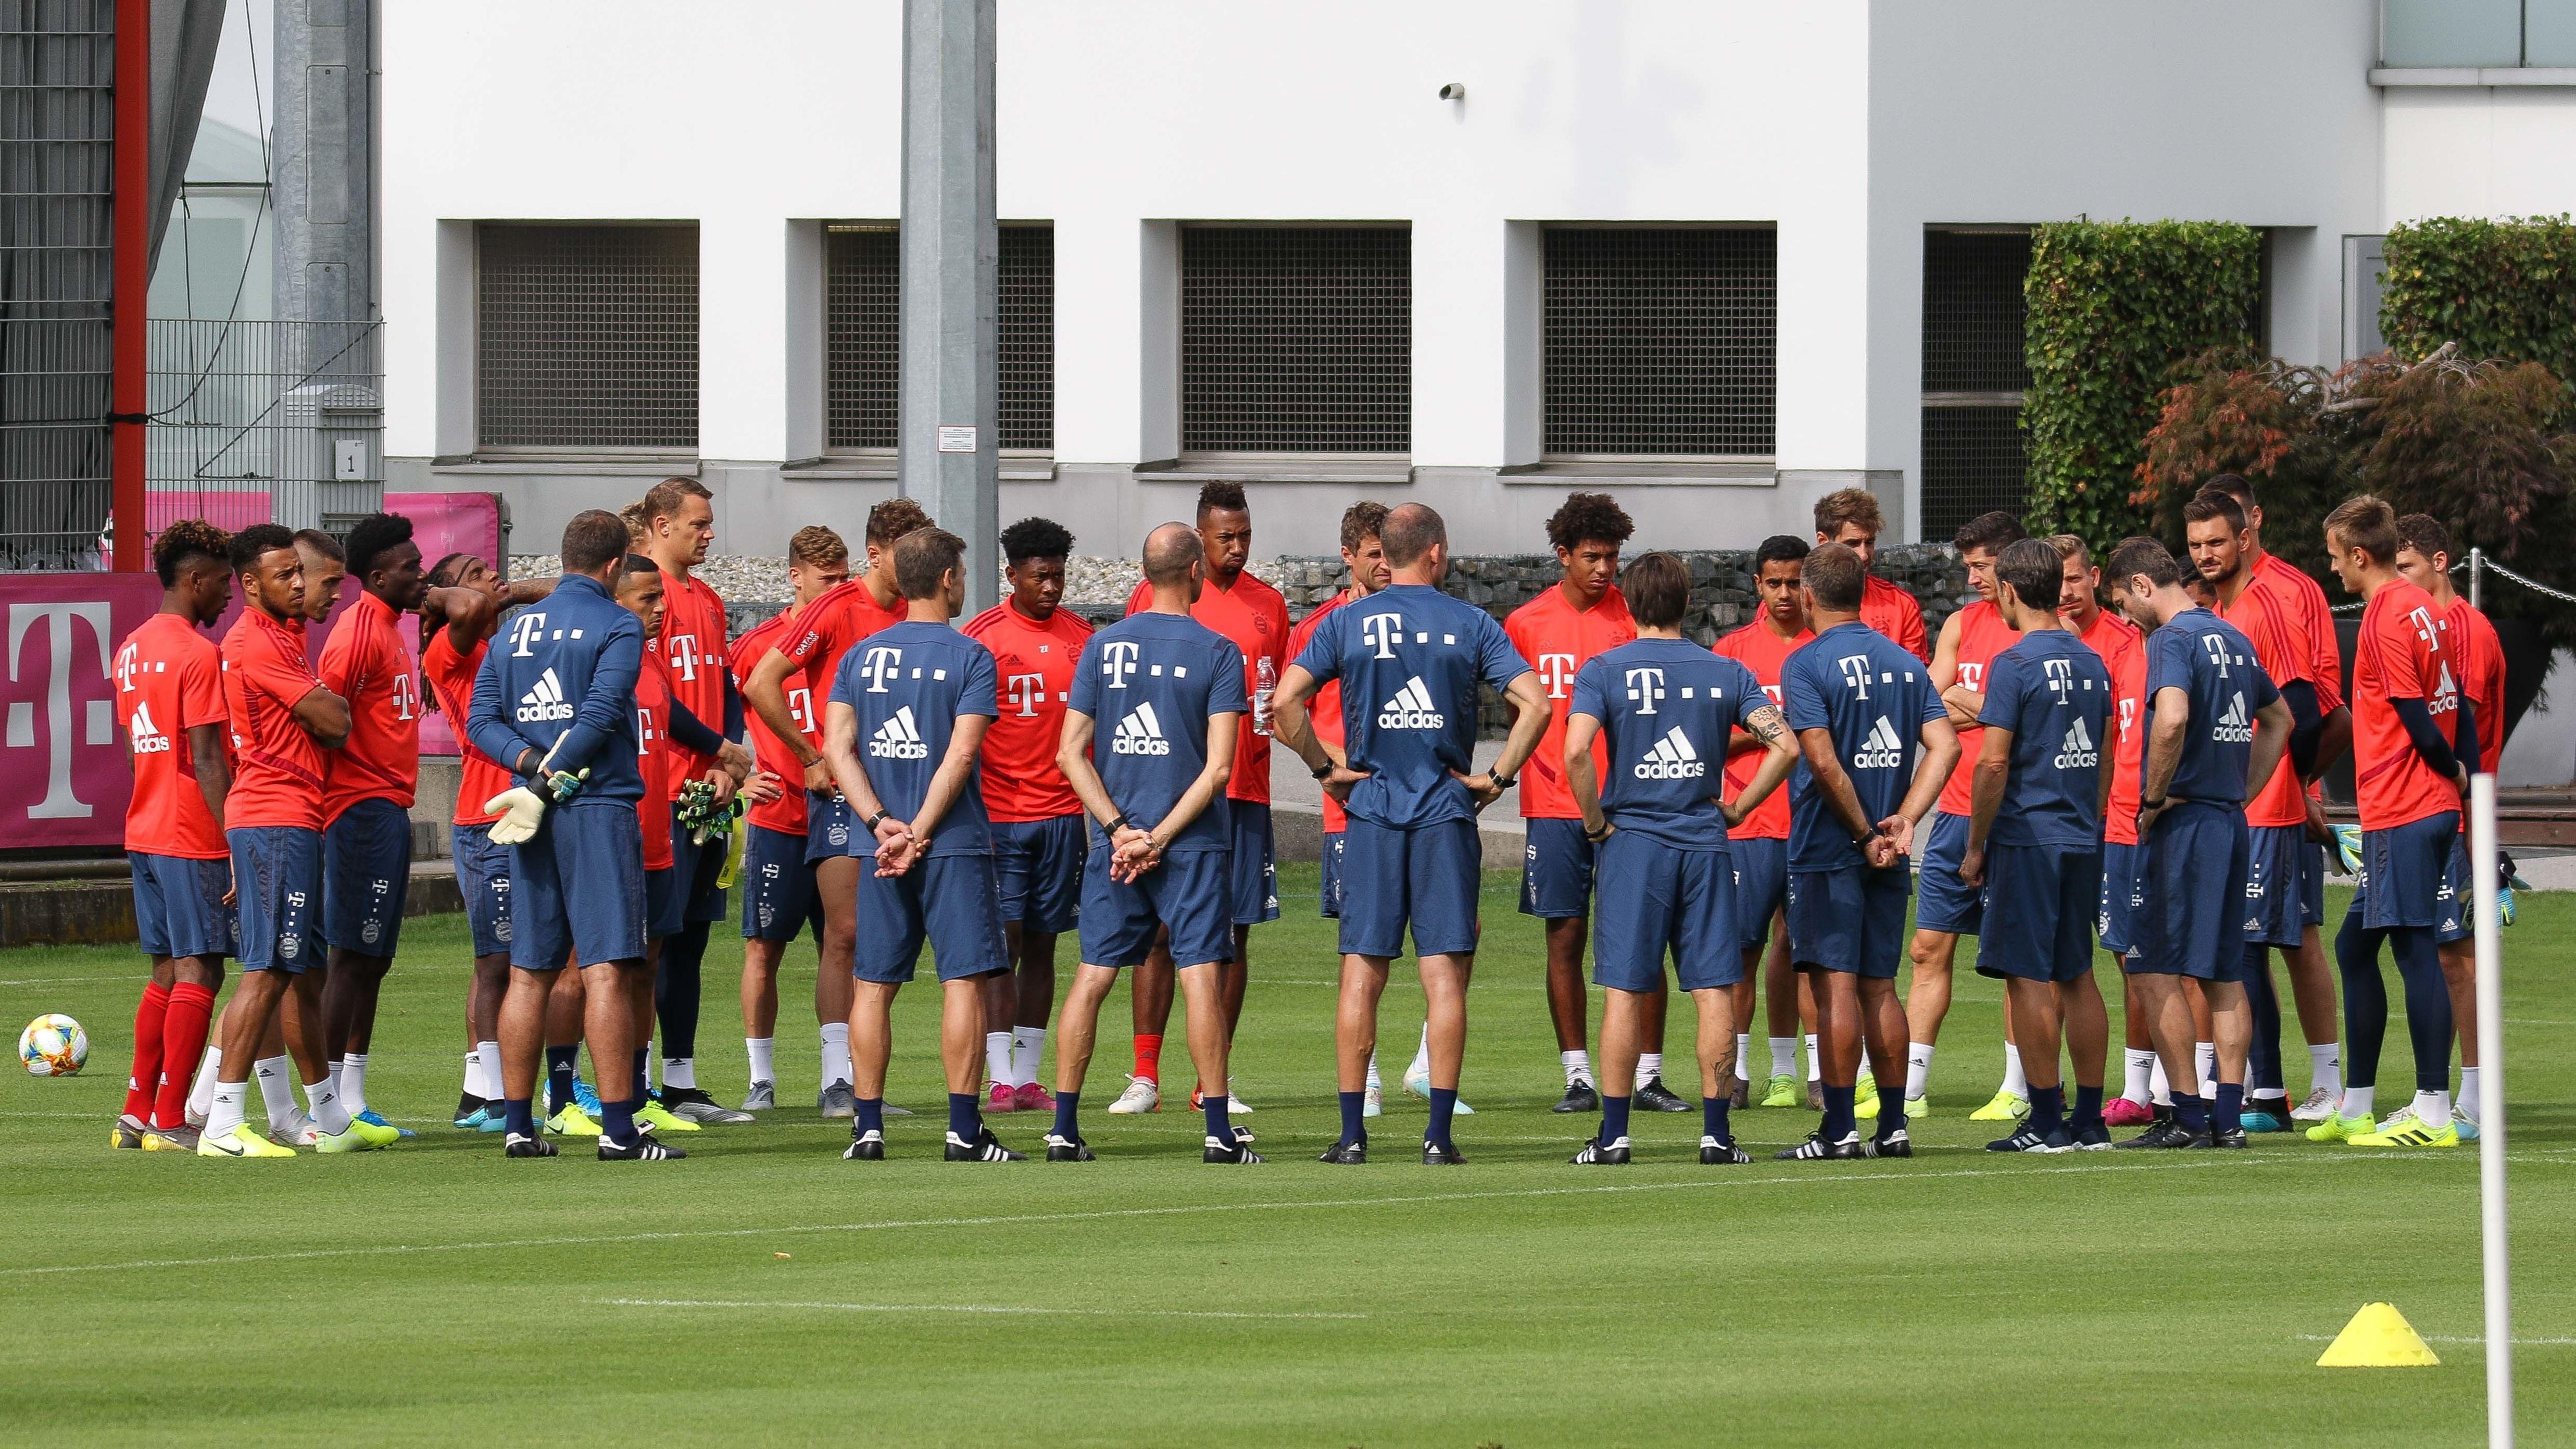 FC-Bayern-Mannschaft beim Training in München am Sonntag (28.07.19)